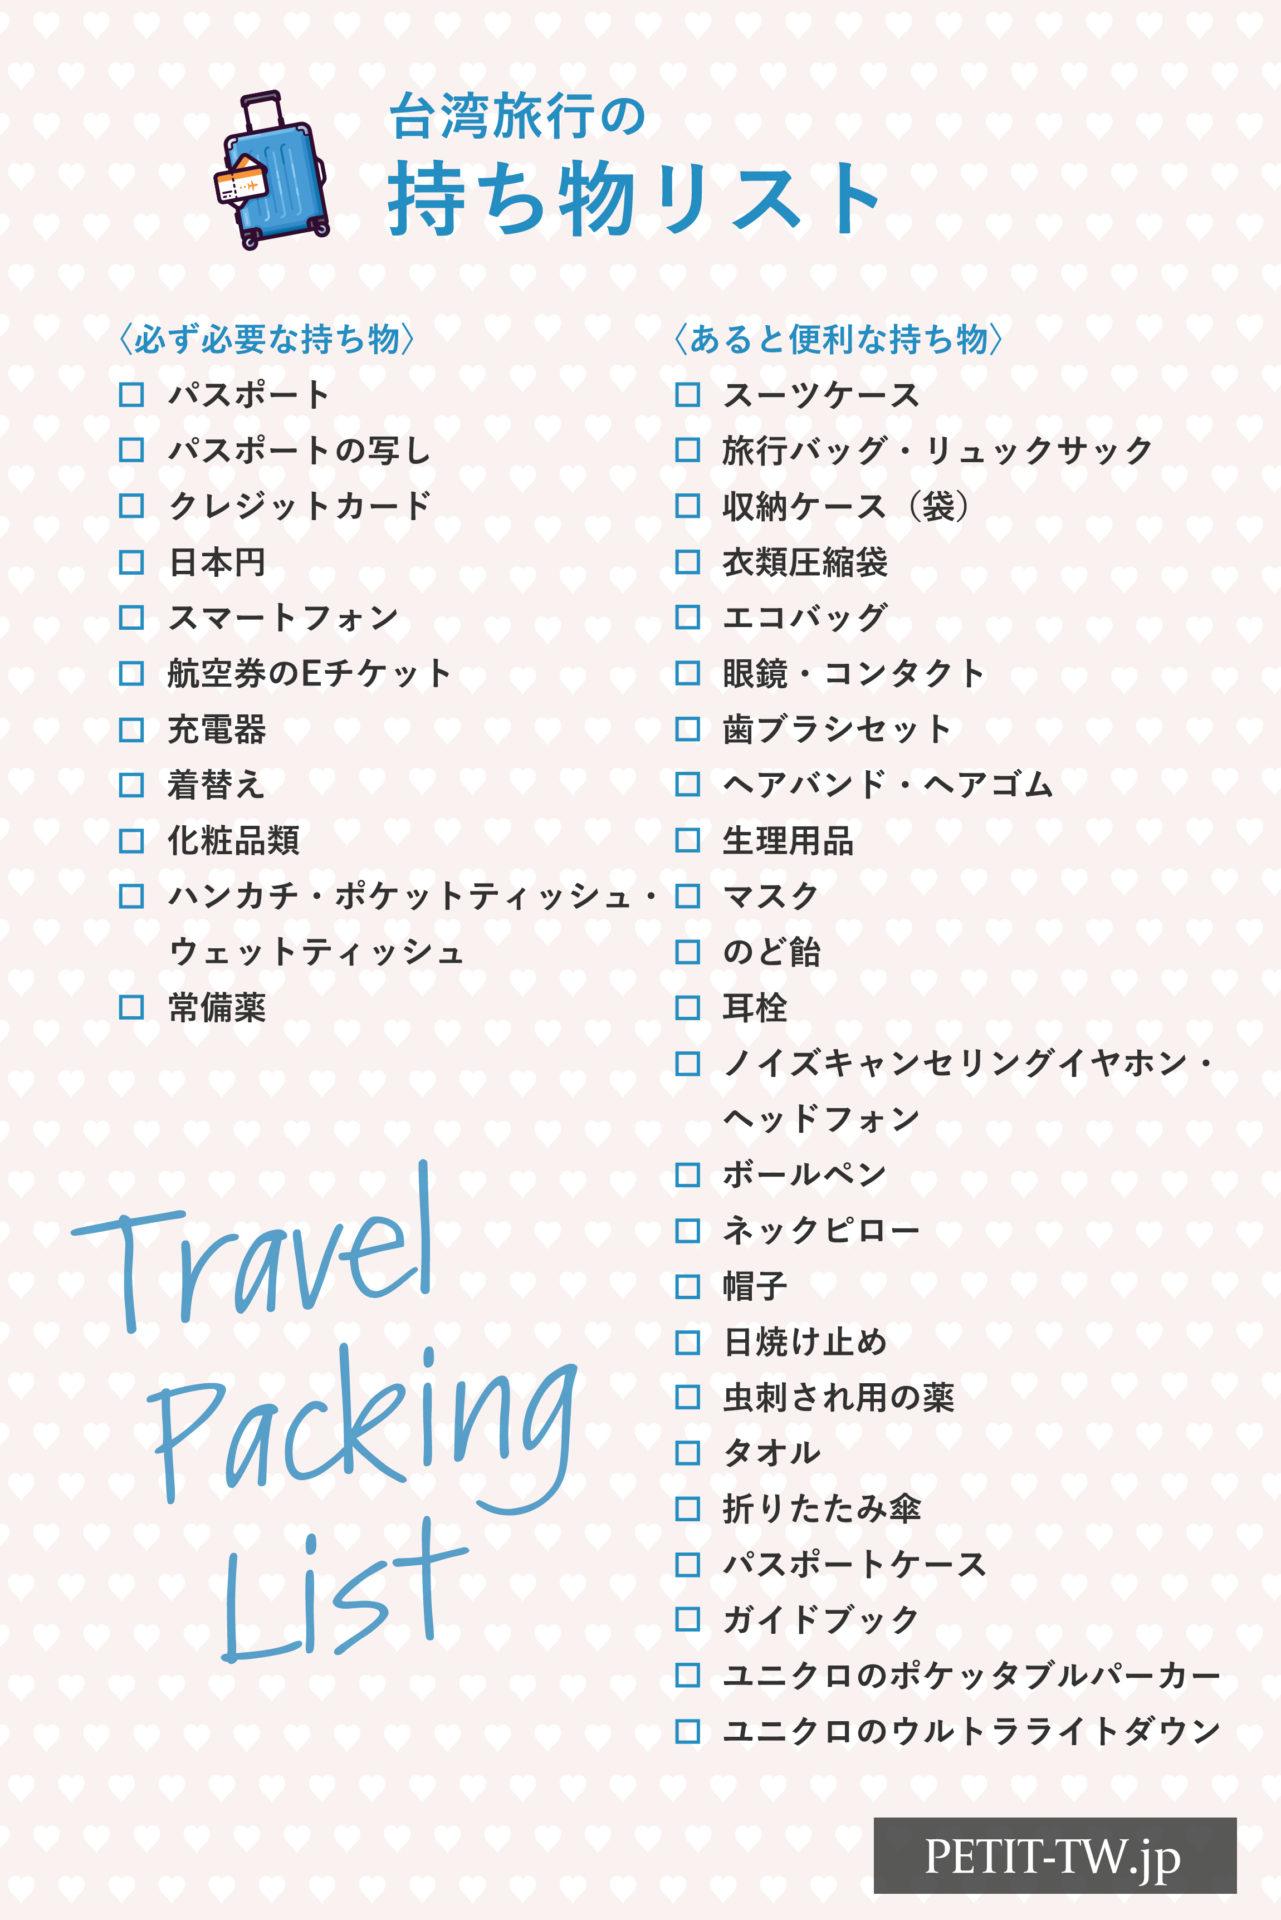 台湾旅行の持ち物リスト・荷物のパッキングリスト